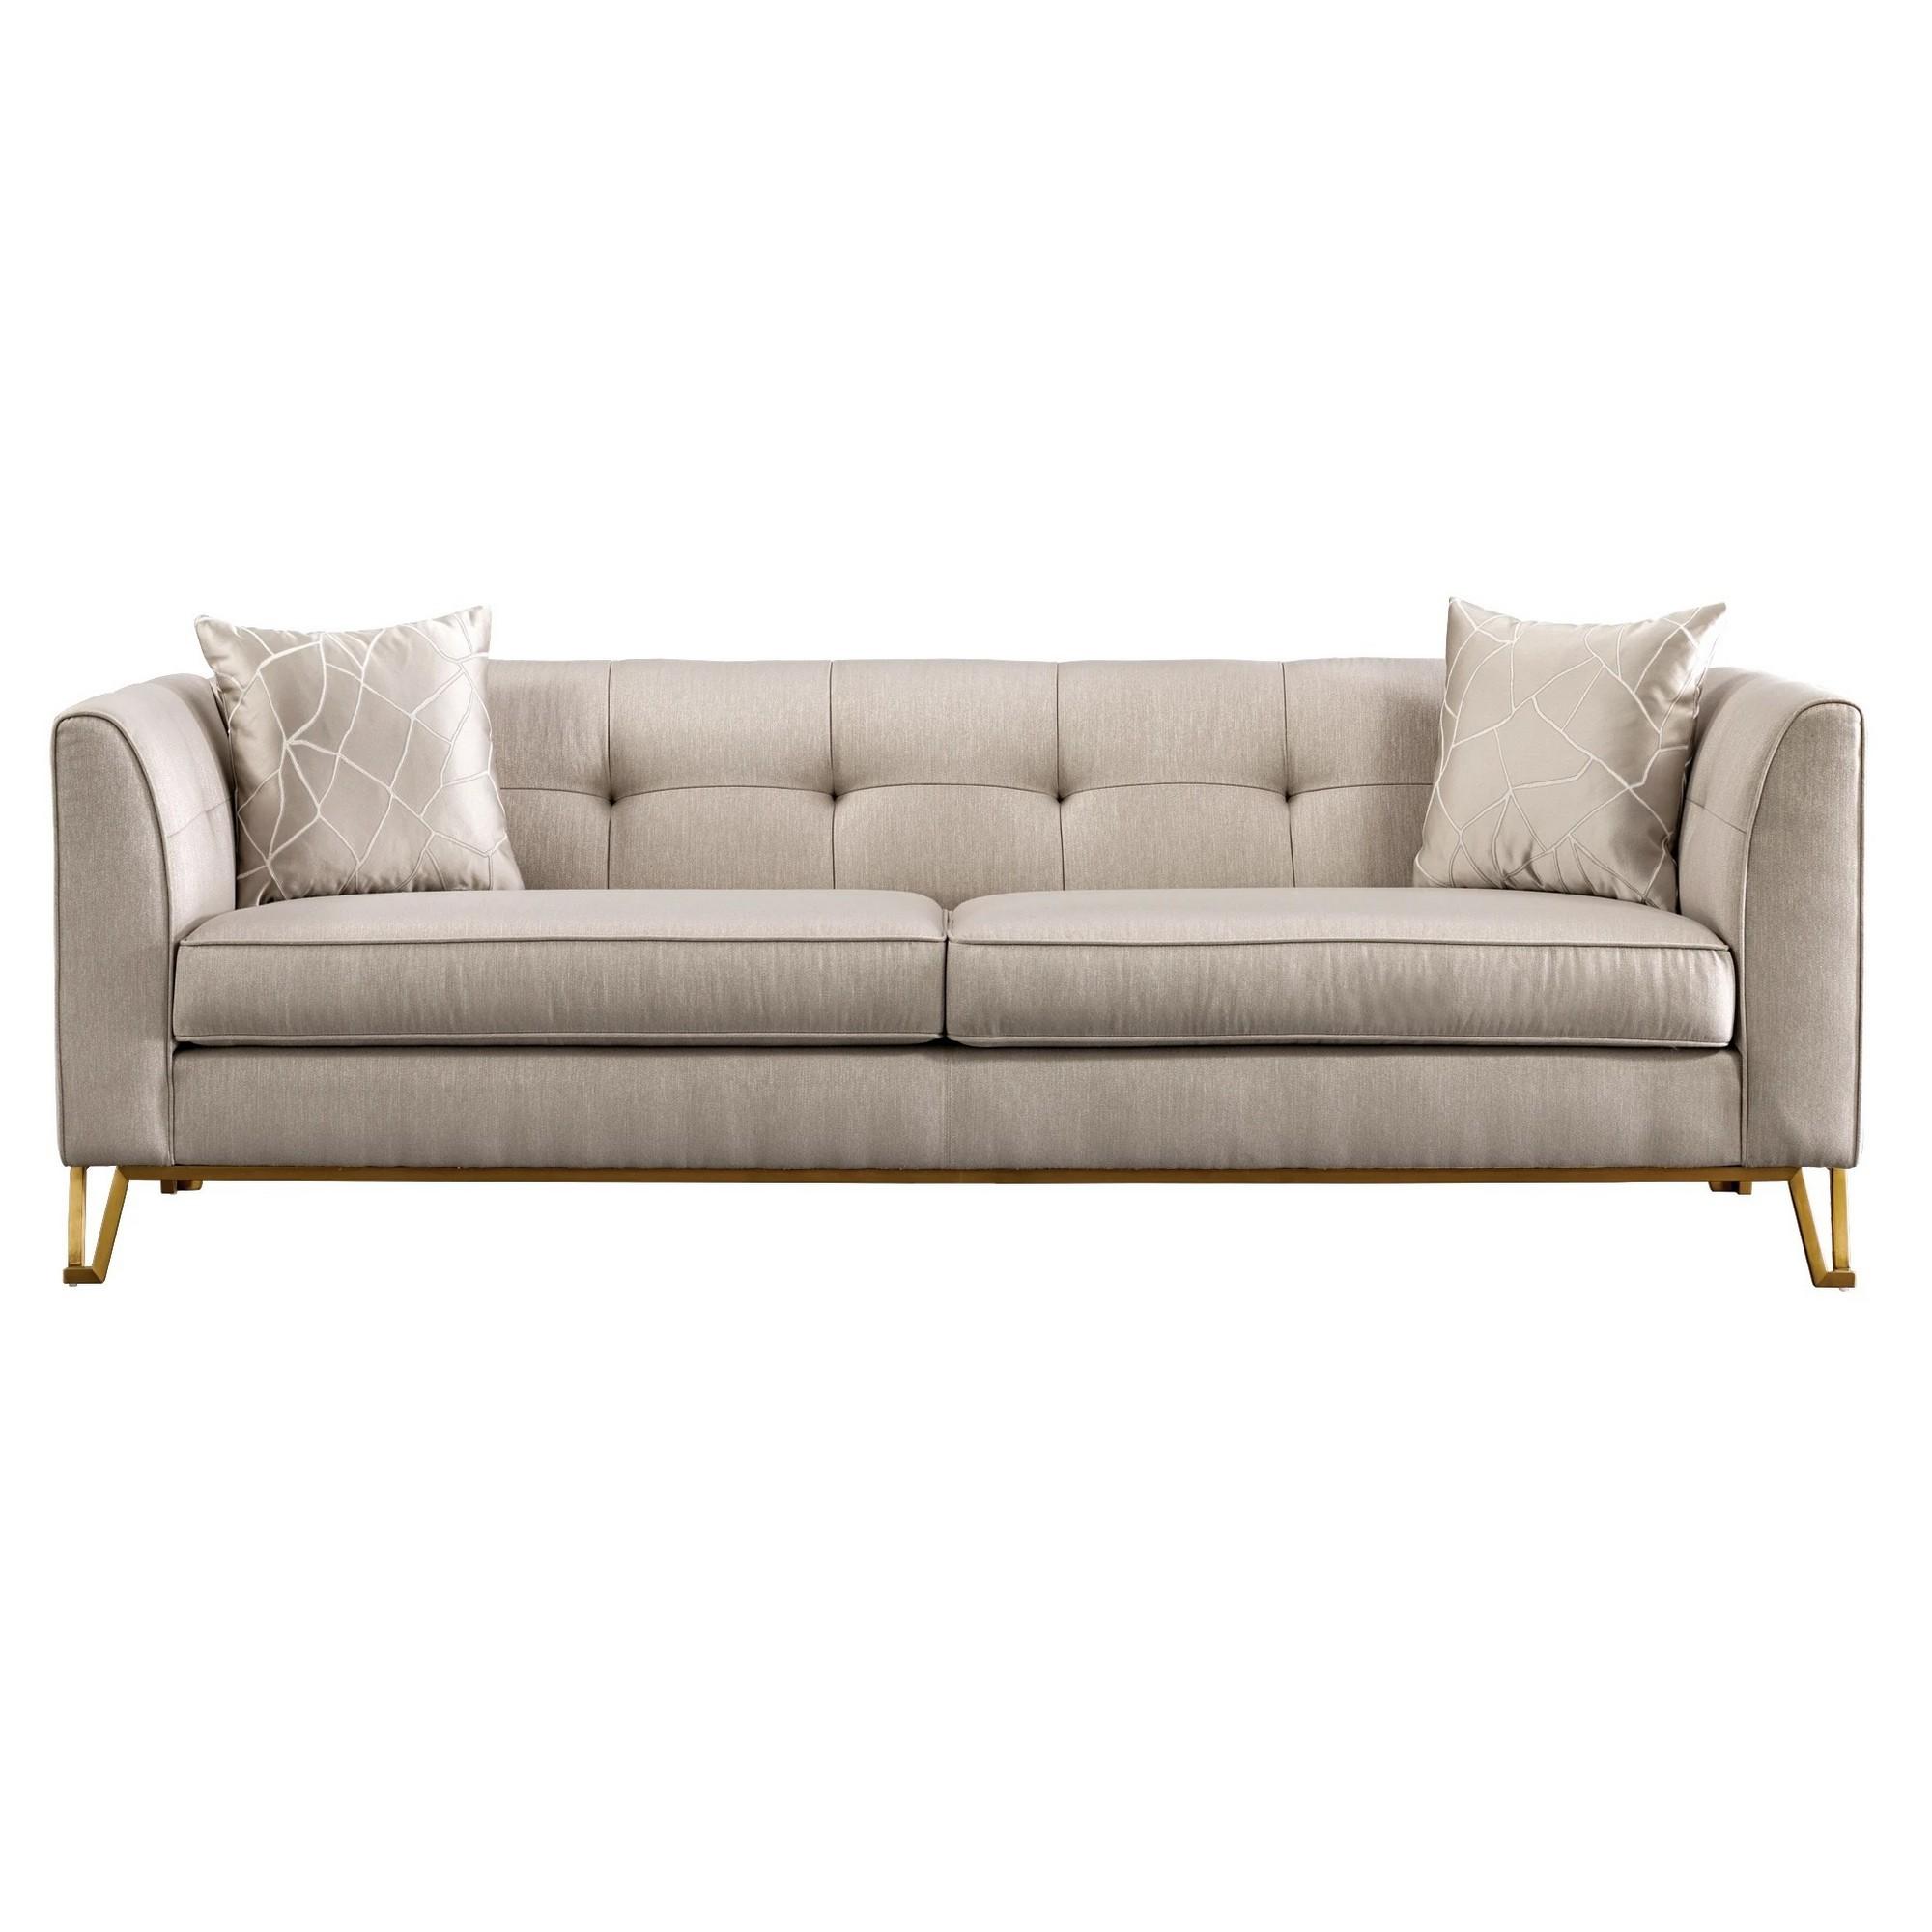 Aranova Fabric Sofa, 3 Seater